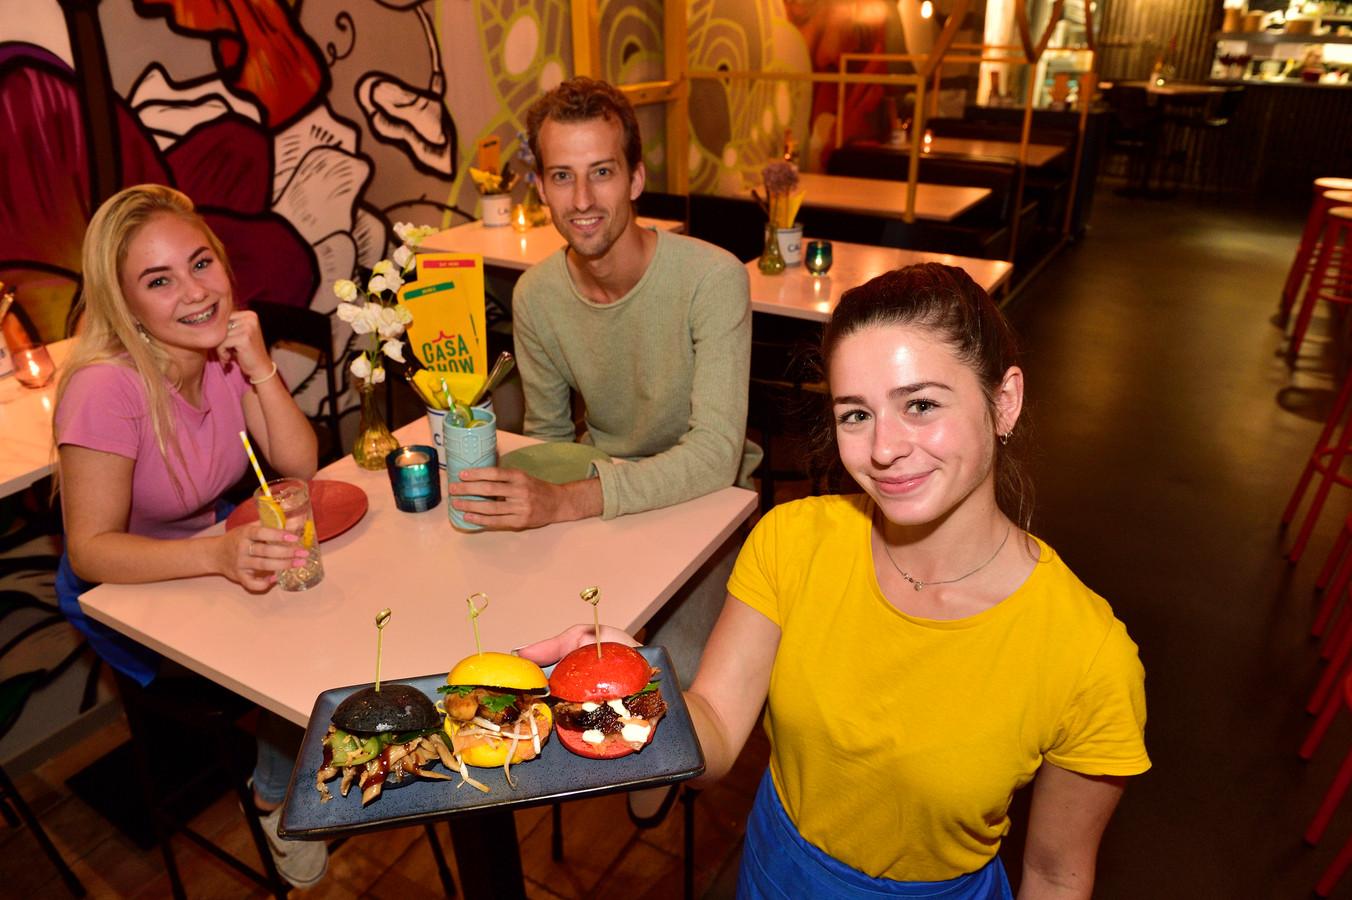 Casa Chow is gespecialiseerd in kleinere gerechten.Eigenaar Boele Sluyter met links Sophie Hoogendoorn .In de voorgrond Tess van Melick.